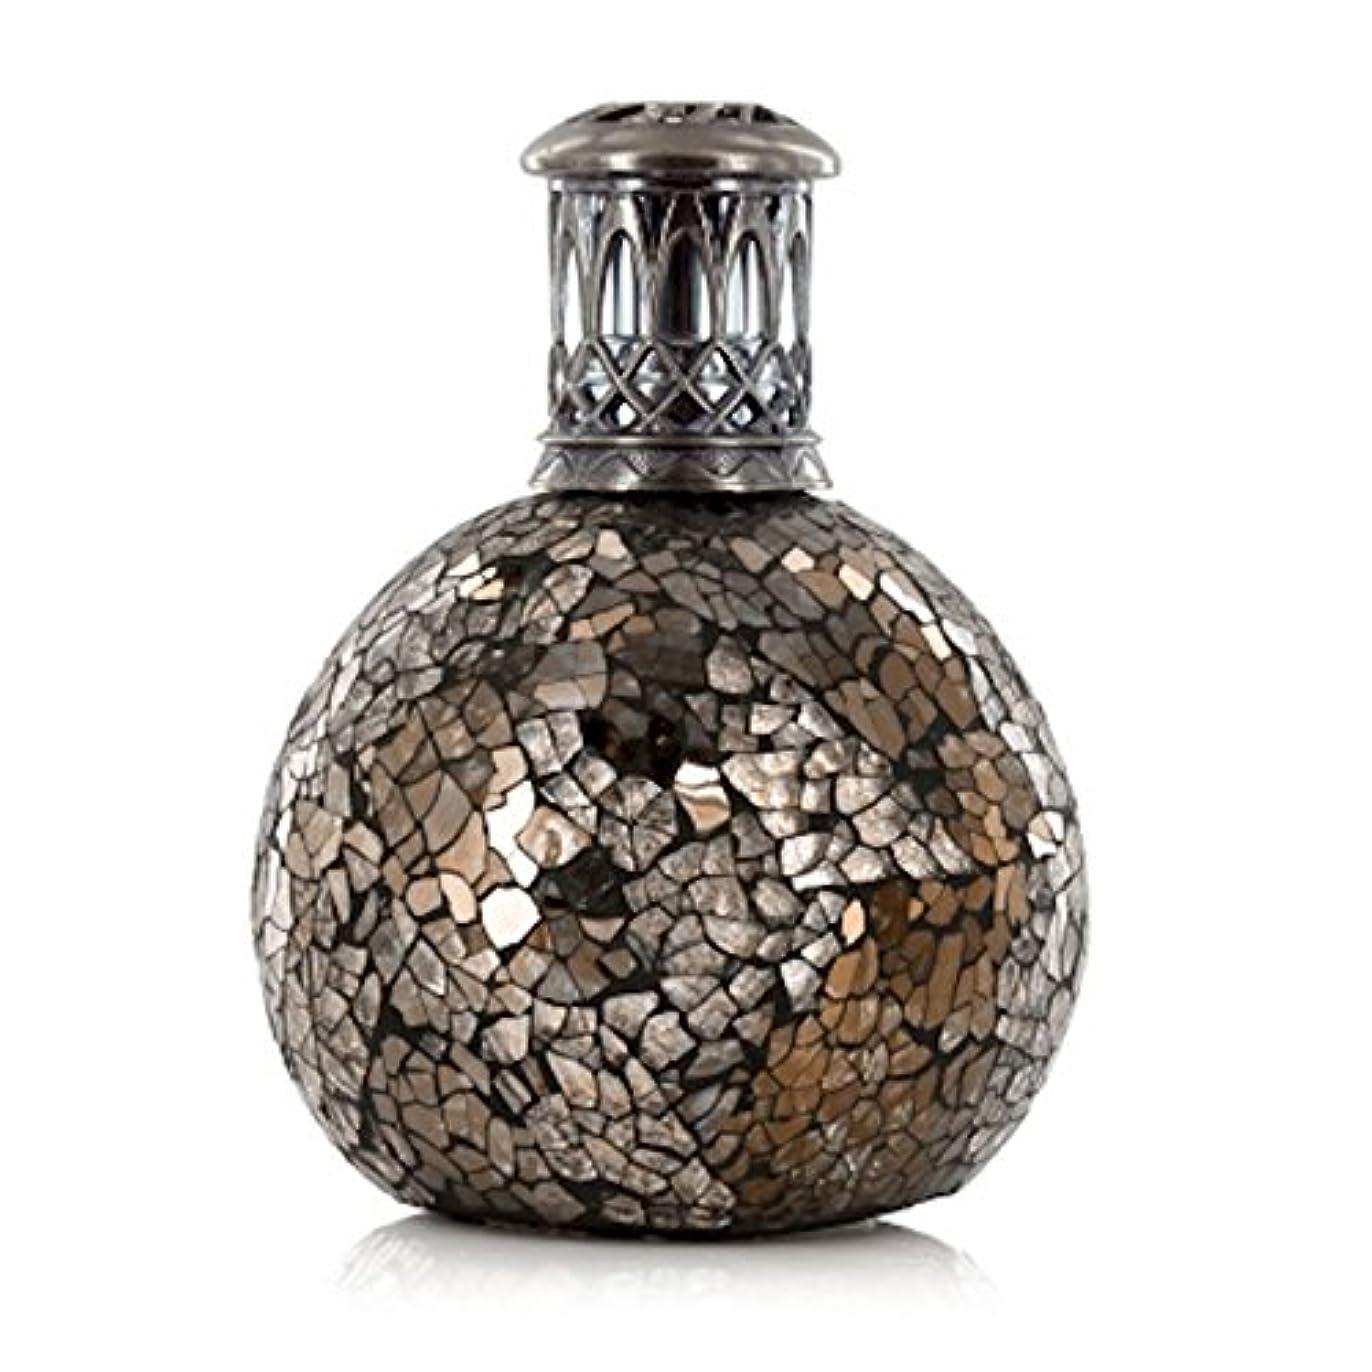 Ashleigh&Burwood フレグランスランプ S メタリックオール FragranceLamps sizeS MetalicOre アシュレイ&バーウッド